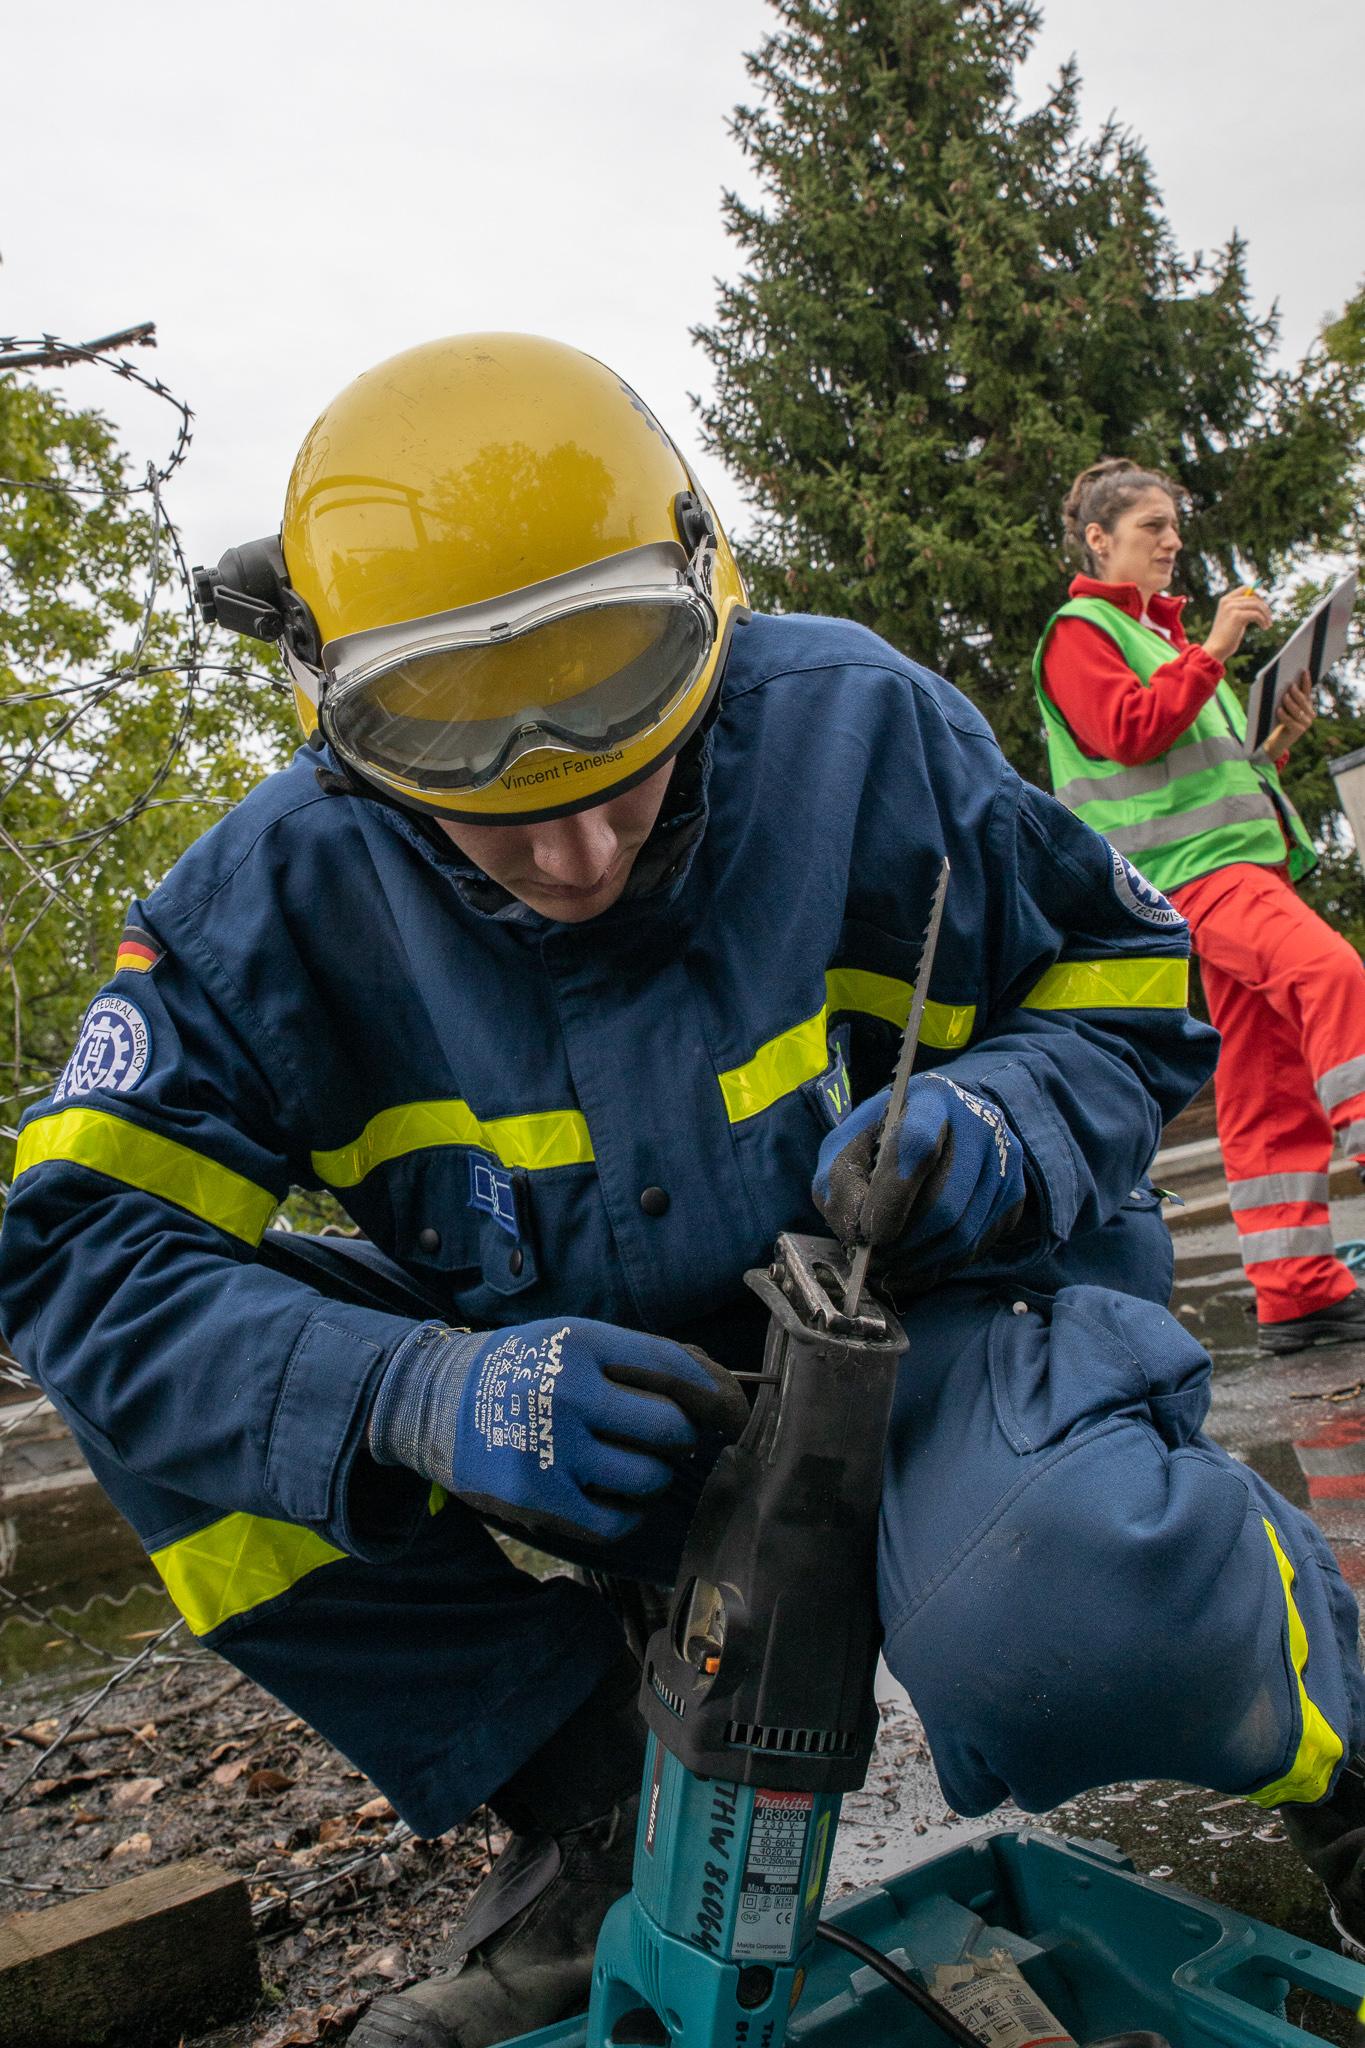 FeuerwehrSim 2019 Natorampe-5